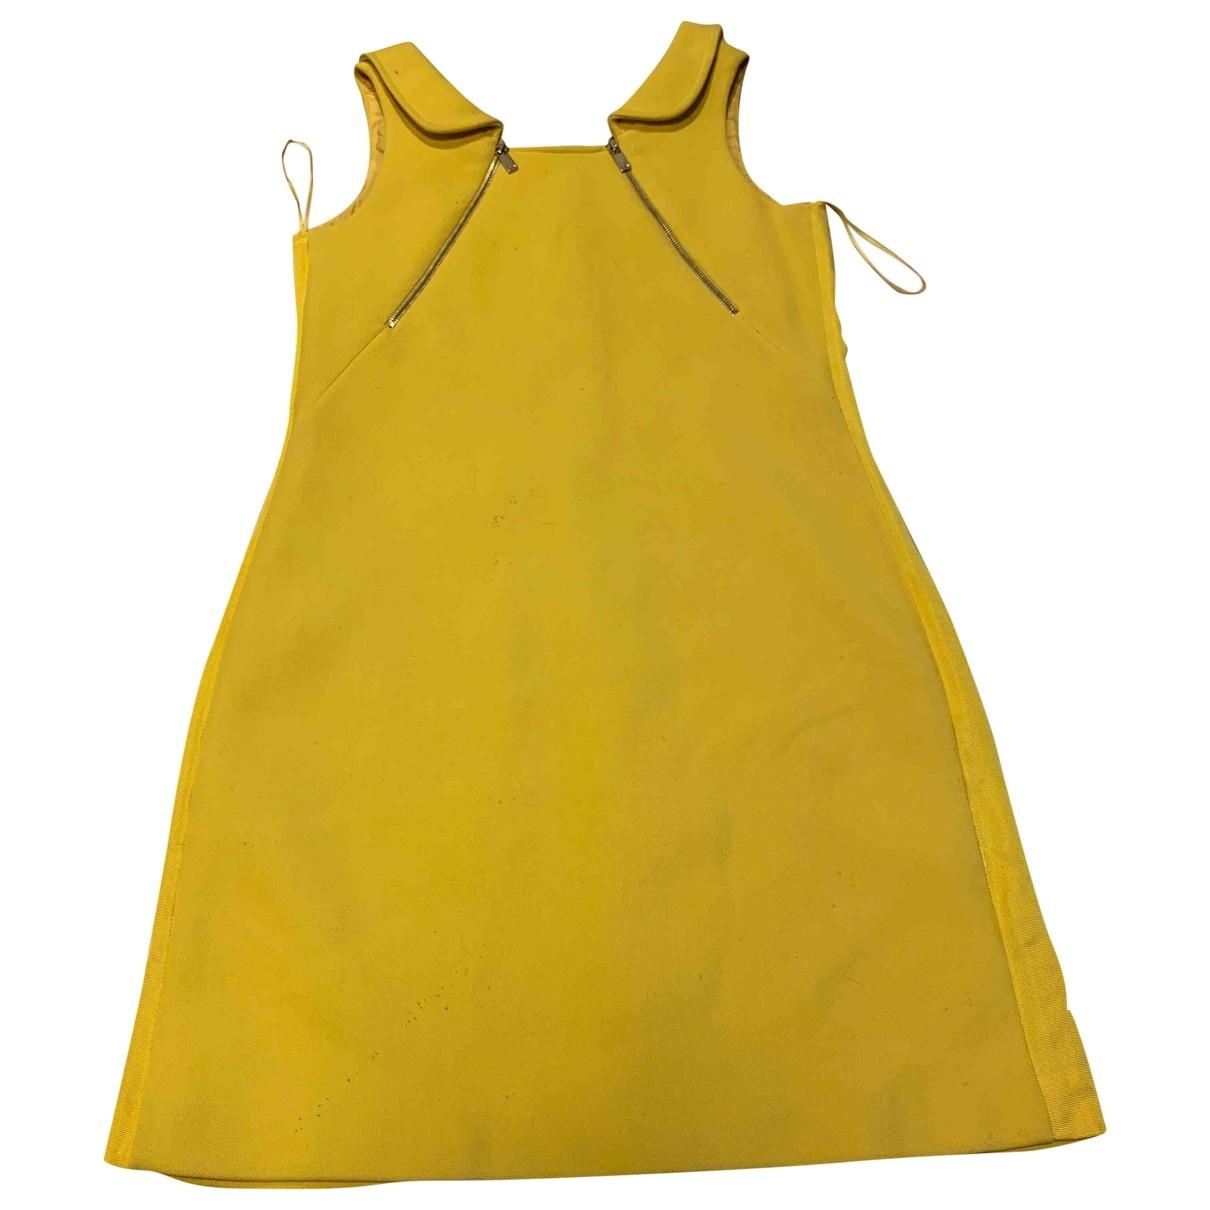 Michael Kors \N Kleid in  Gelb Wolle